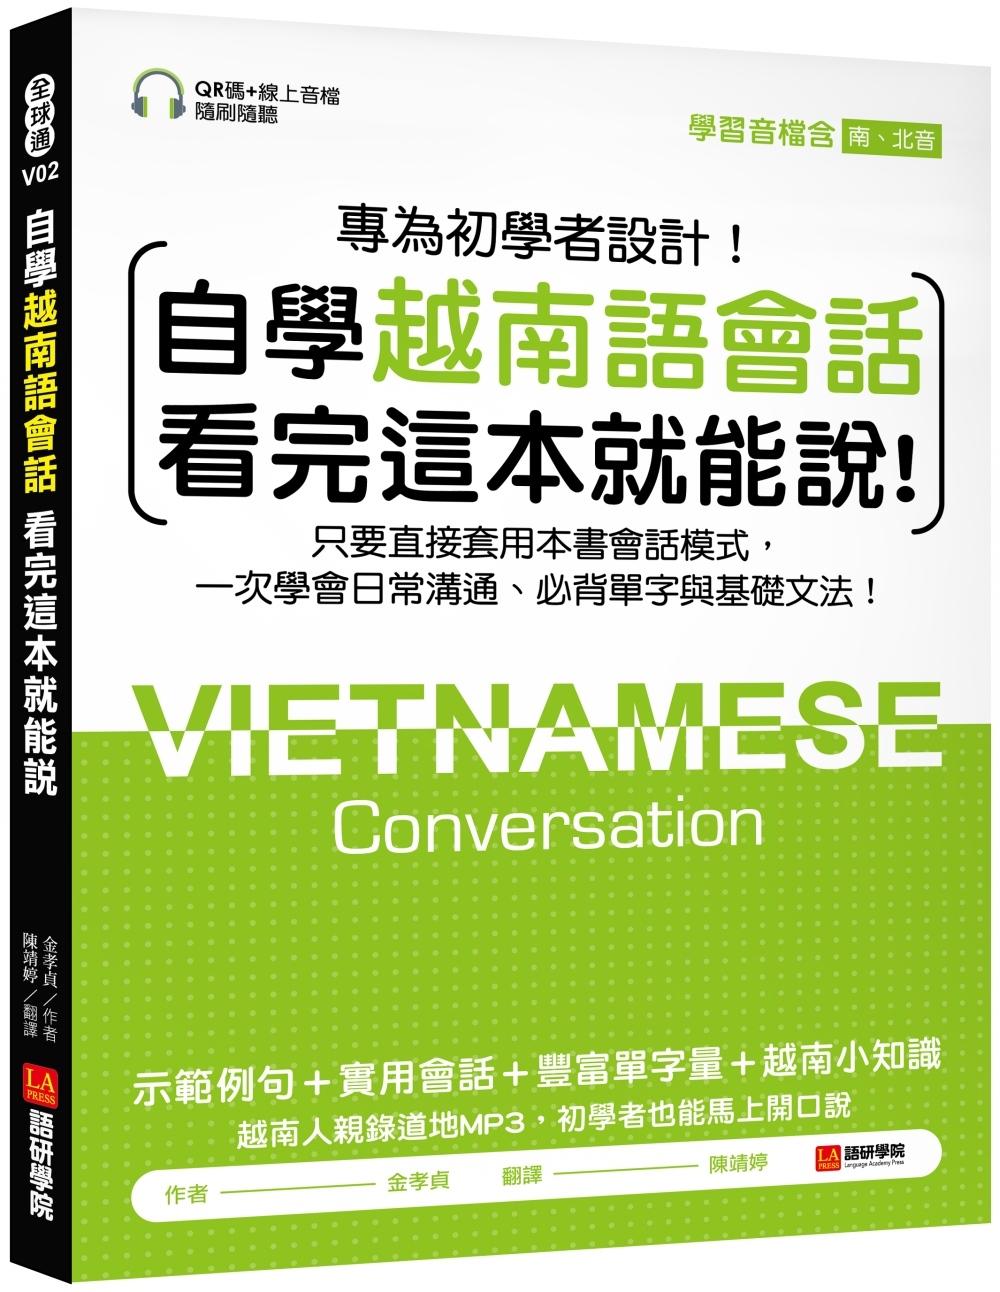 自學越南語會話看完這本就能說!...